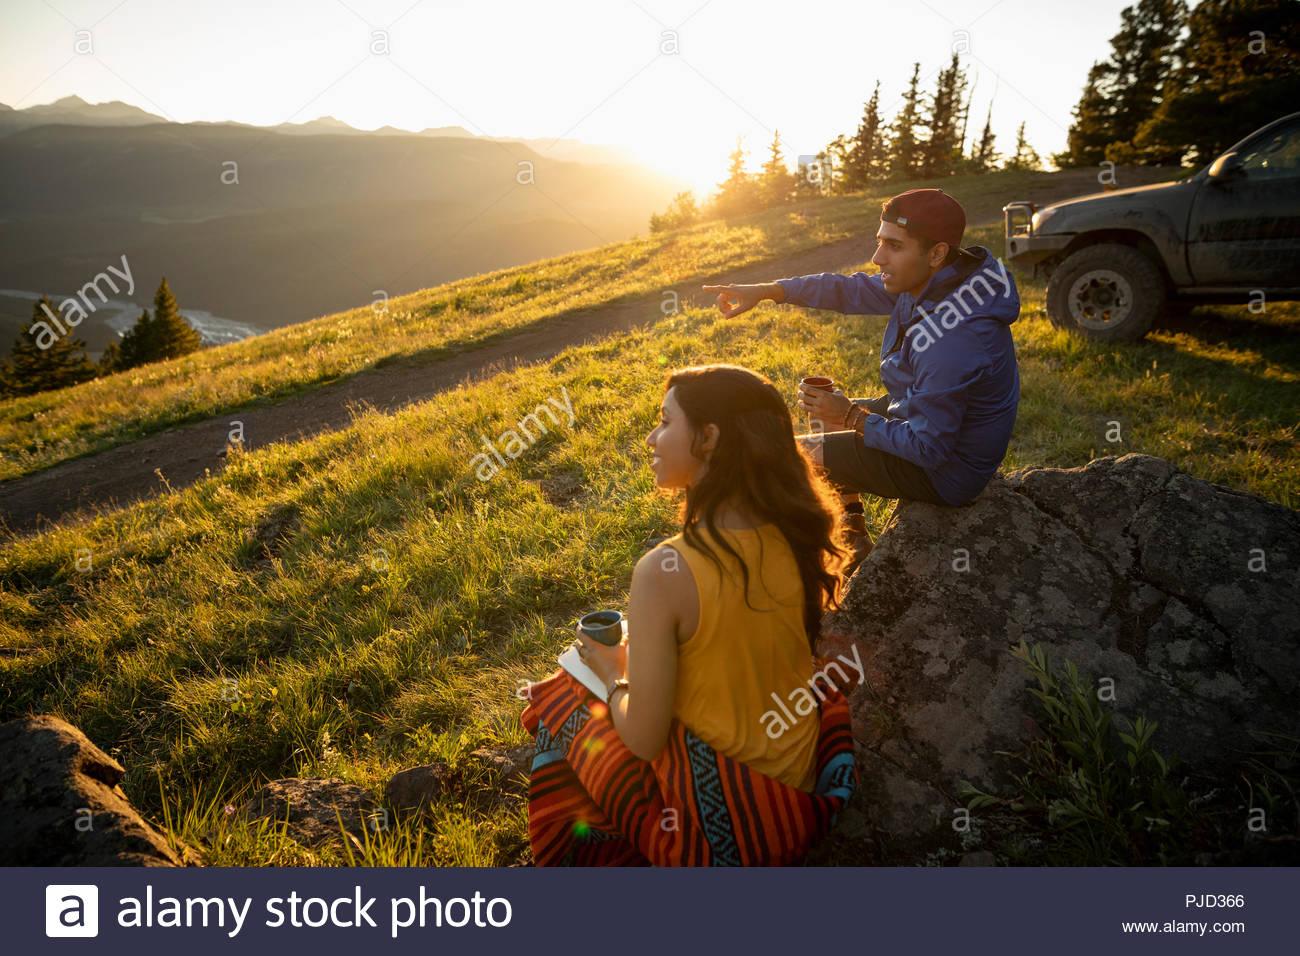 Par de beber café en la soleada ladera de montaña idílico, Alberta, Canadá Imagen De Stock